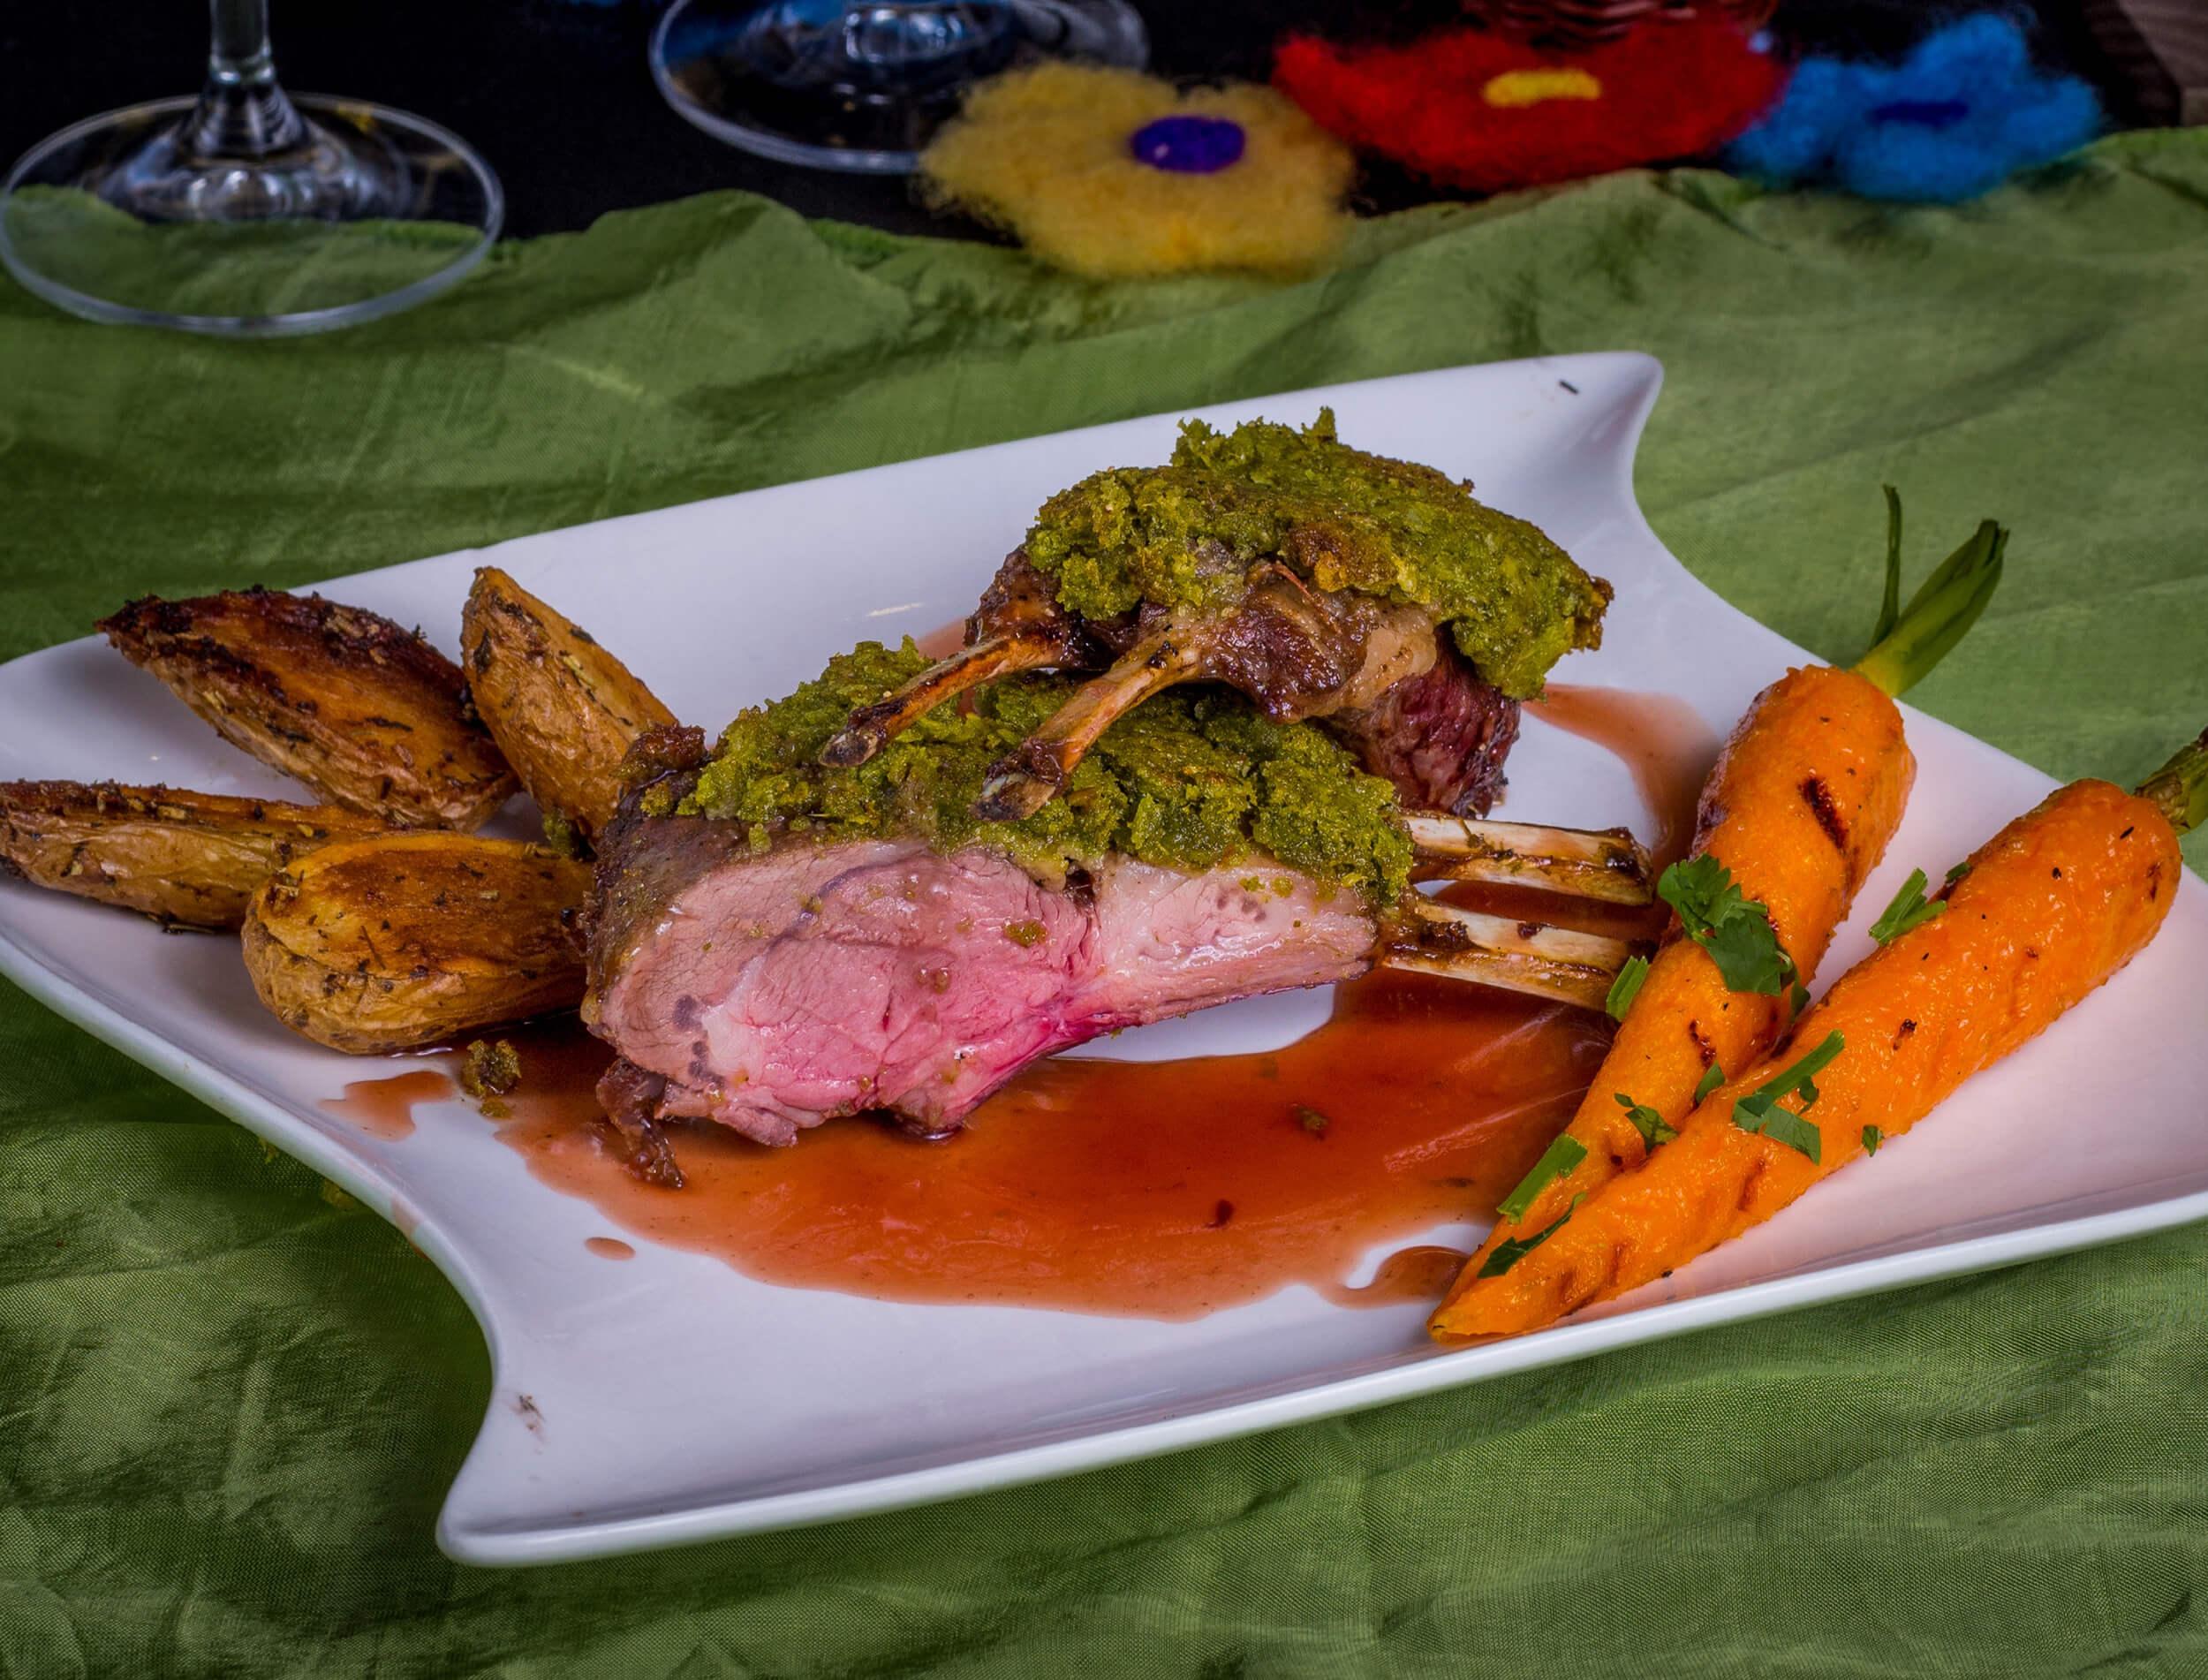 Olvahh´s Lammkronen mit Knoblauch-Ingwer-Karotten, Grillkartoffeln und Rotweinjus